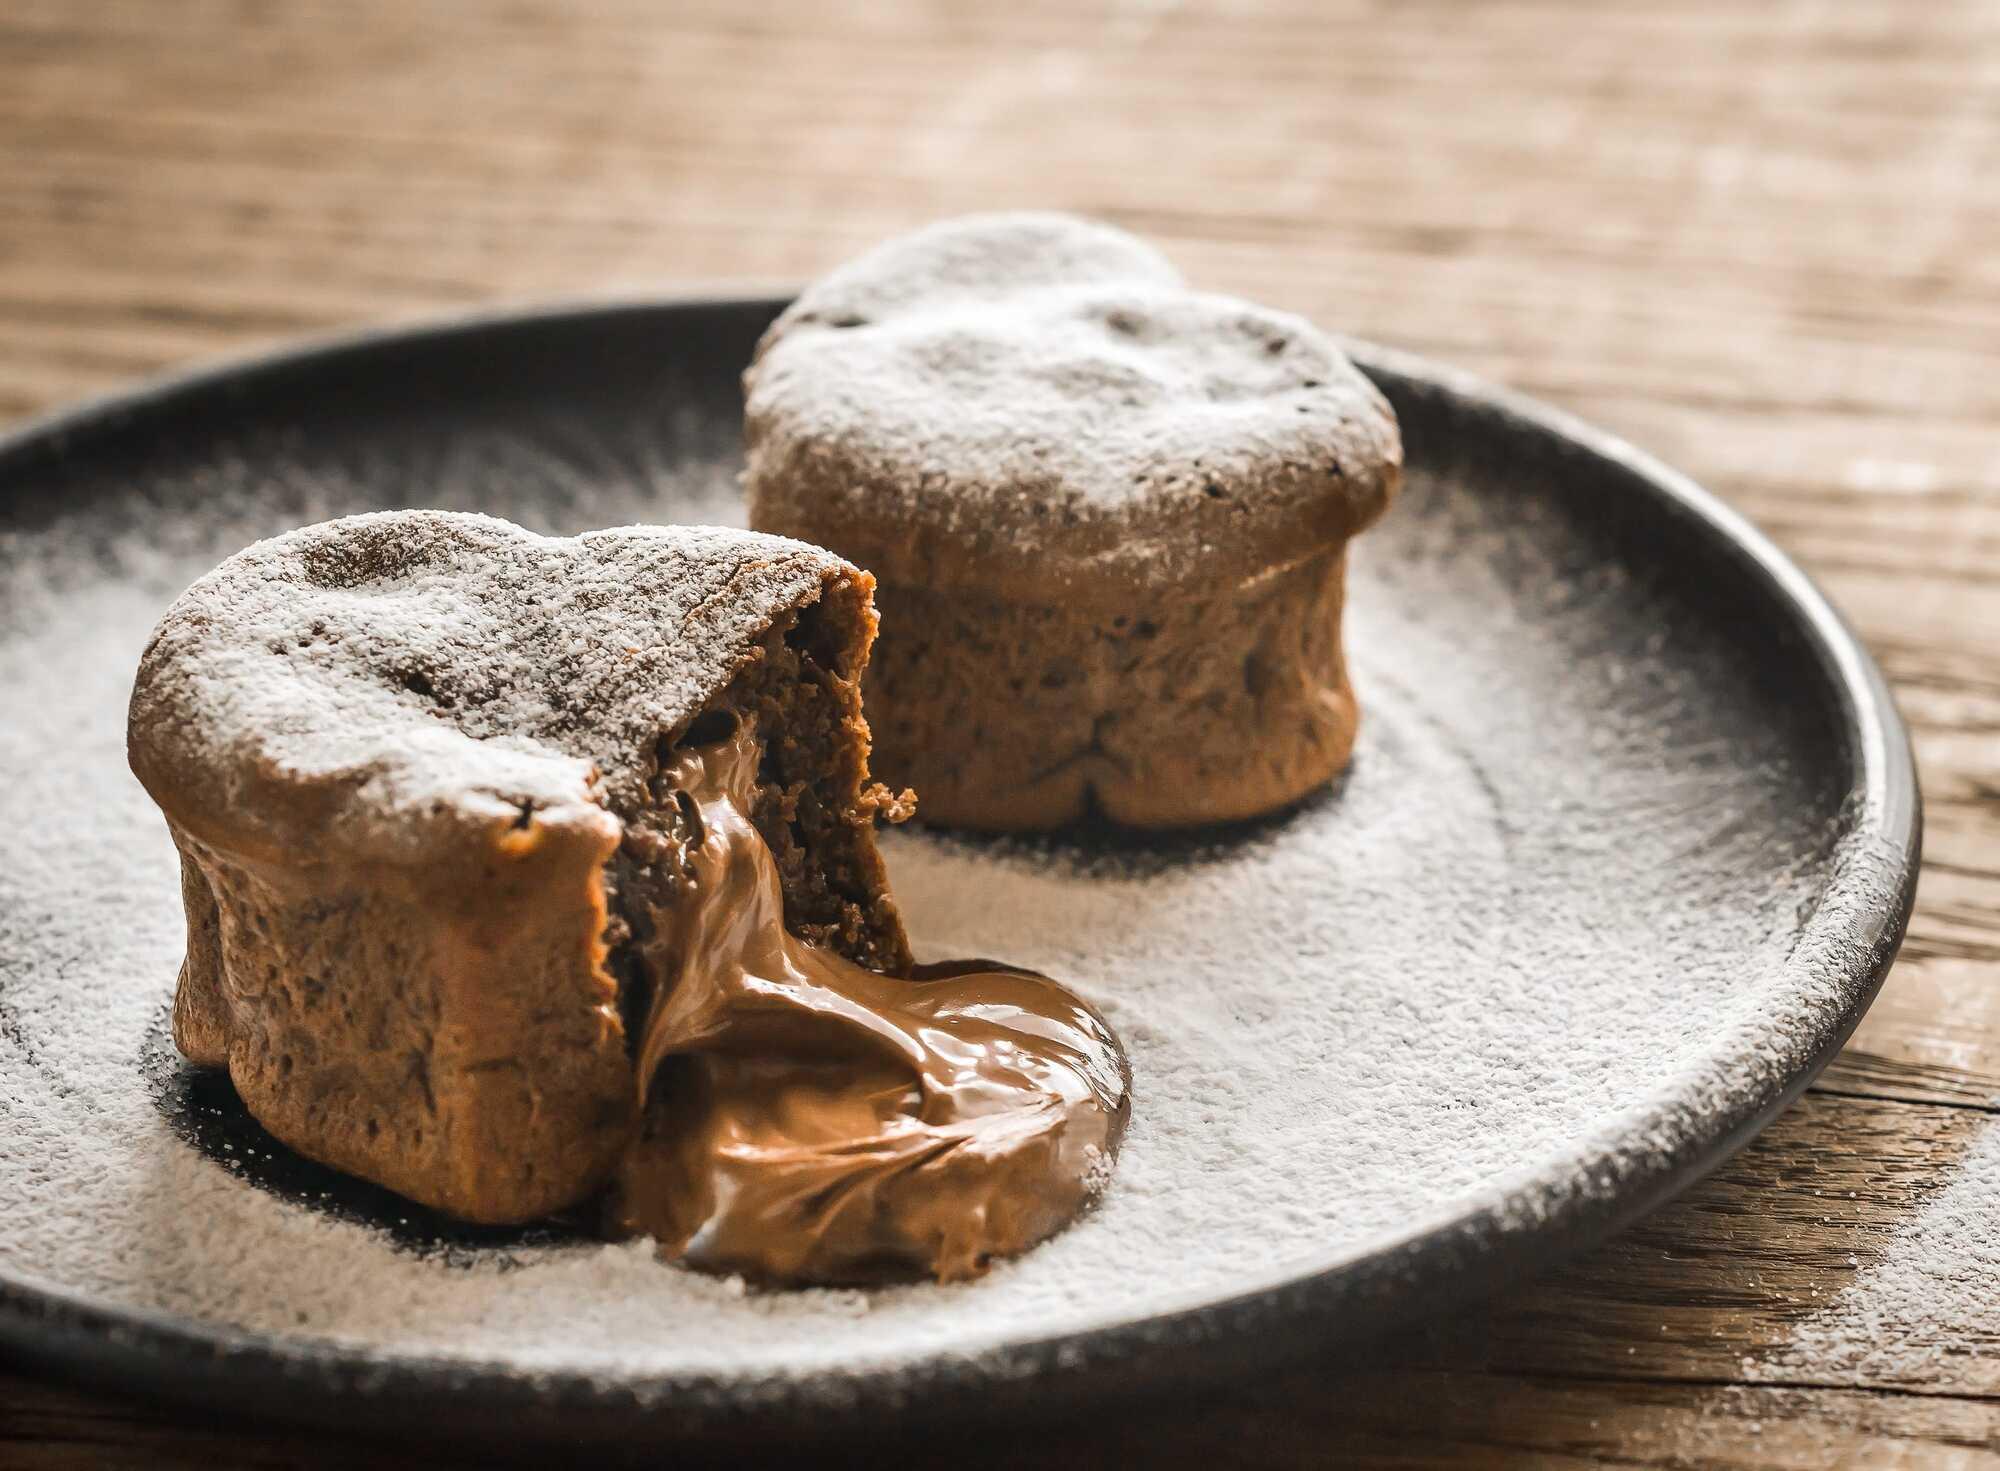 Dans un plat creux se trouve deux muffins dont l'un montre son coeur coulant, ils sont parsemés de sucre glace.